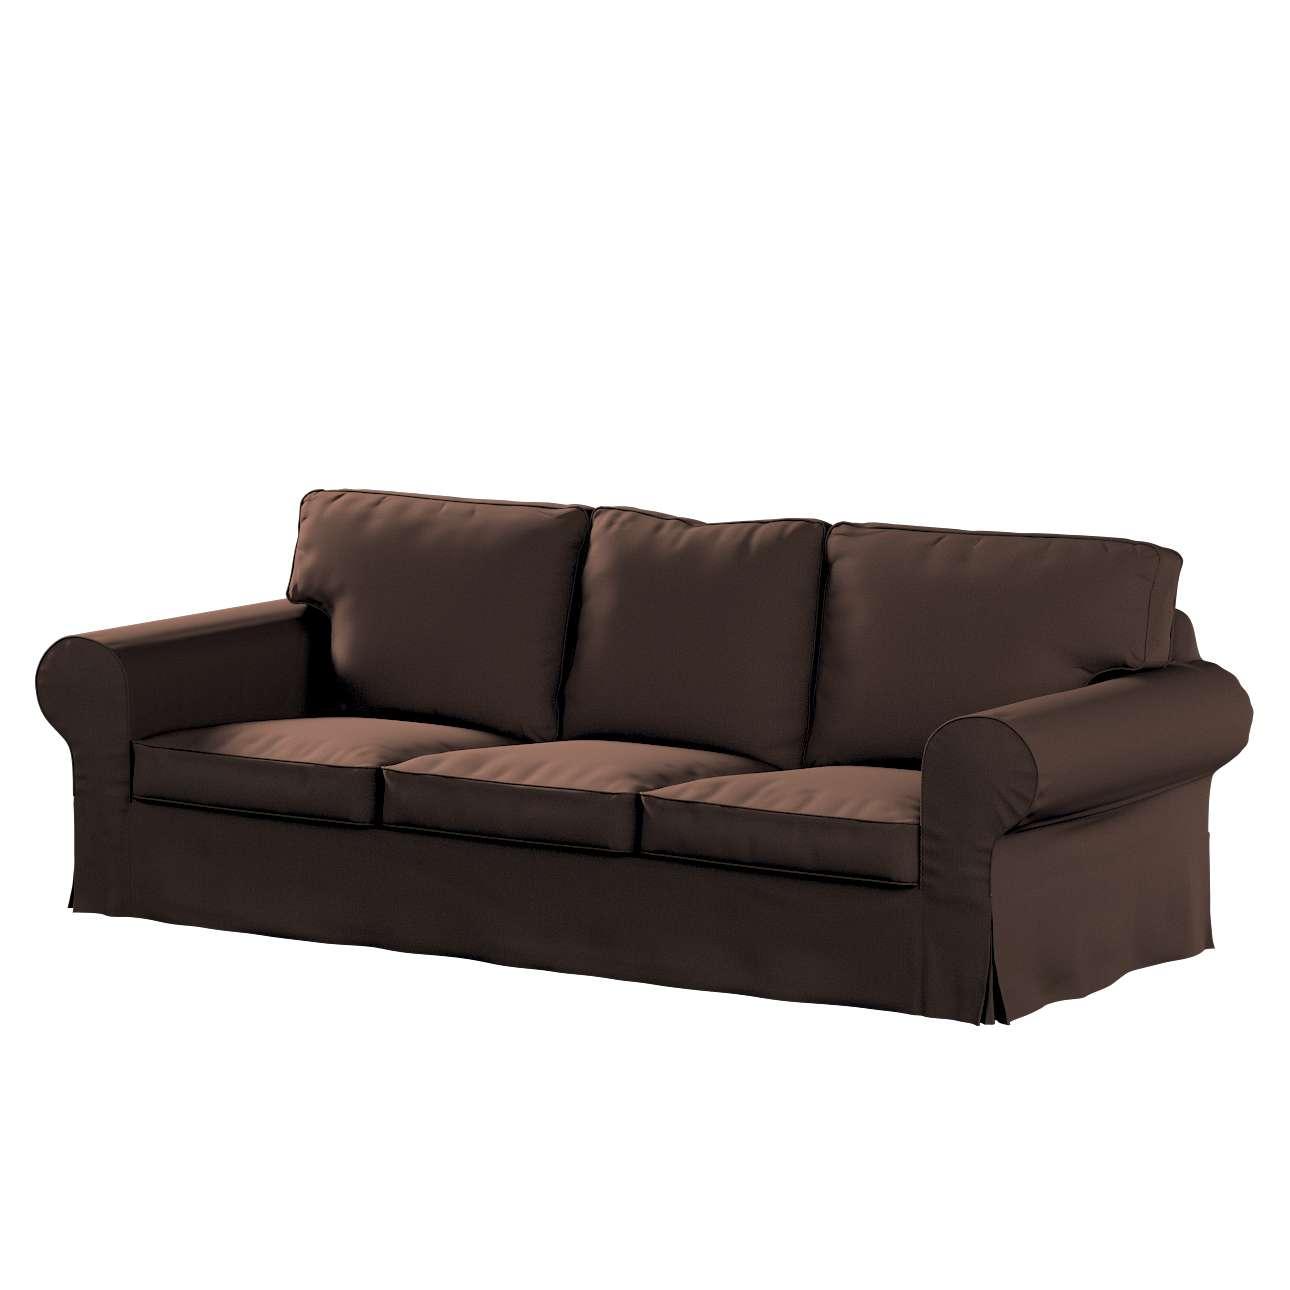 Pokrowiec na sofę Ektorp 3-osobową, rozkładaną, PIXBO w kolekcji Bergen, tkanina: 161-73